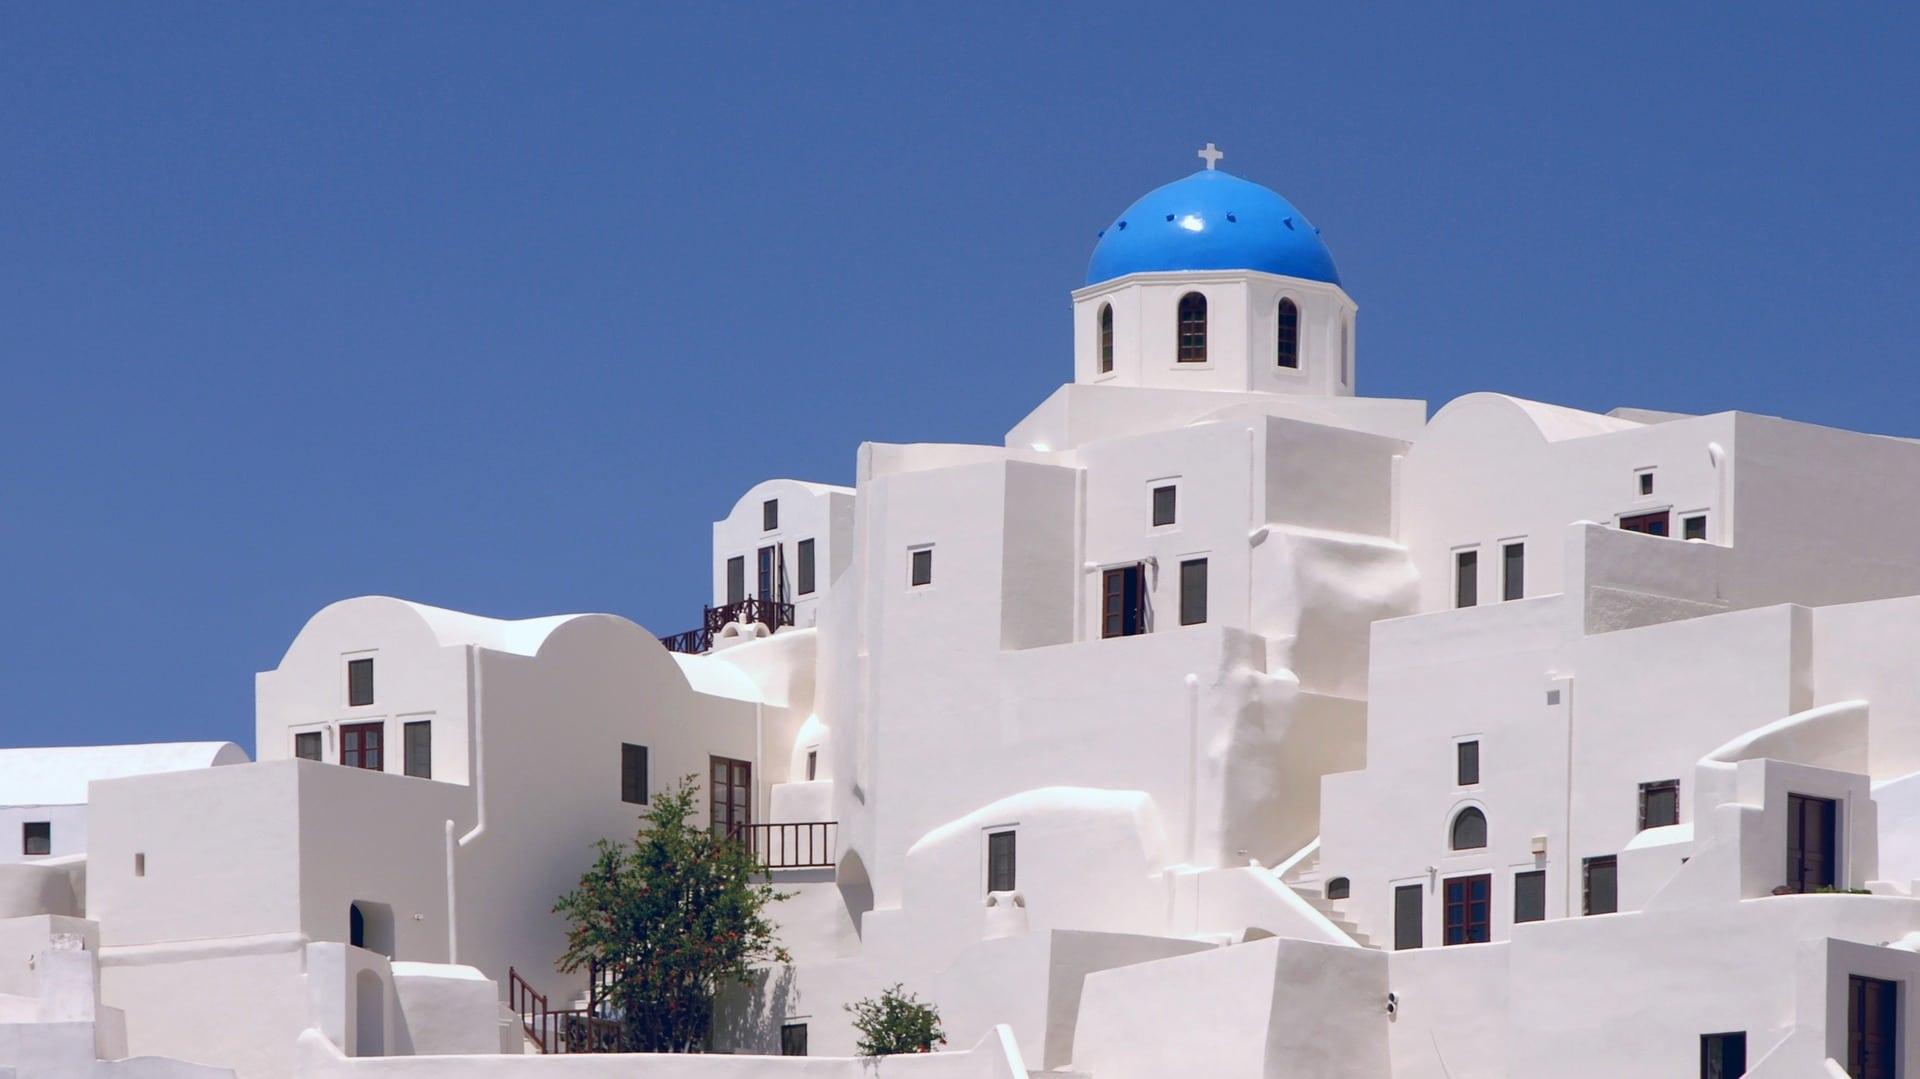 Séjourner à Santorin : choisir un hôtel, une location ou un appart'hôtel ?